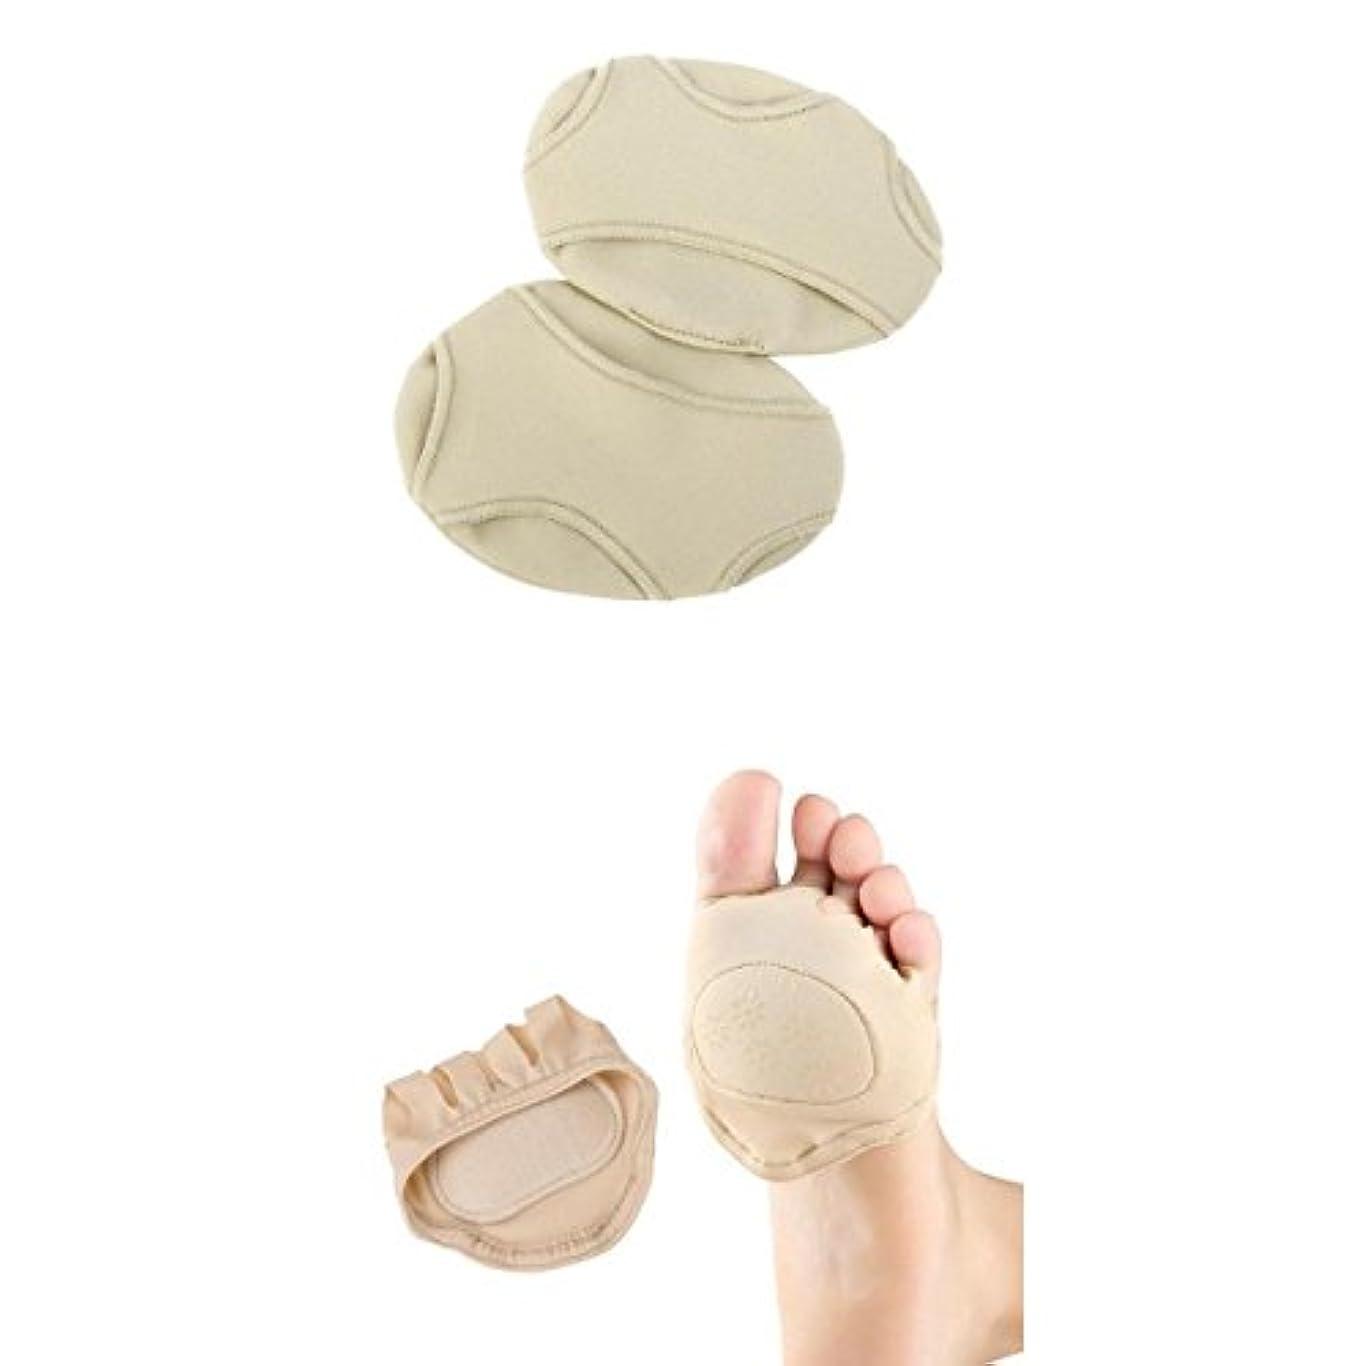 エレクトロニック説明的ペンス足裏保護パッド 足裏マッサージ 足矯正パット痛み緩和 中足骨パッド種子骨保護サポーター